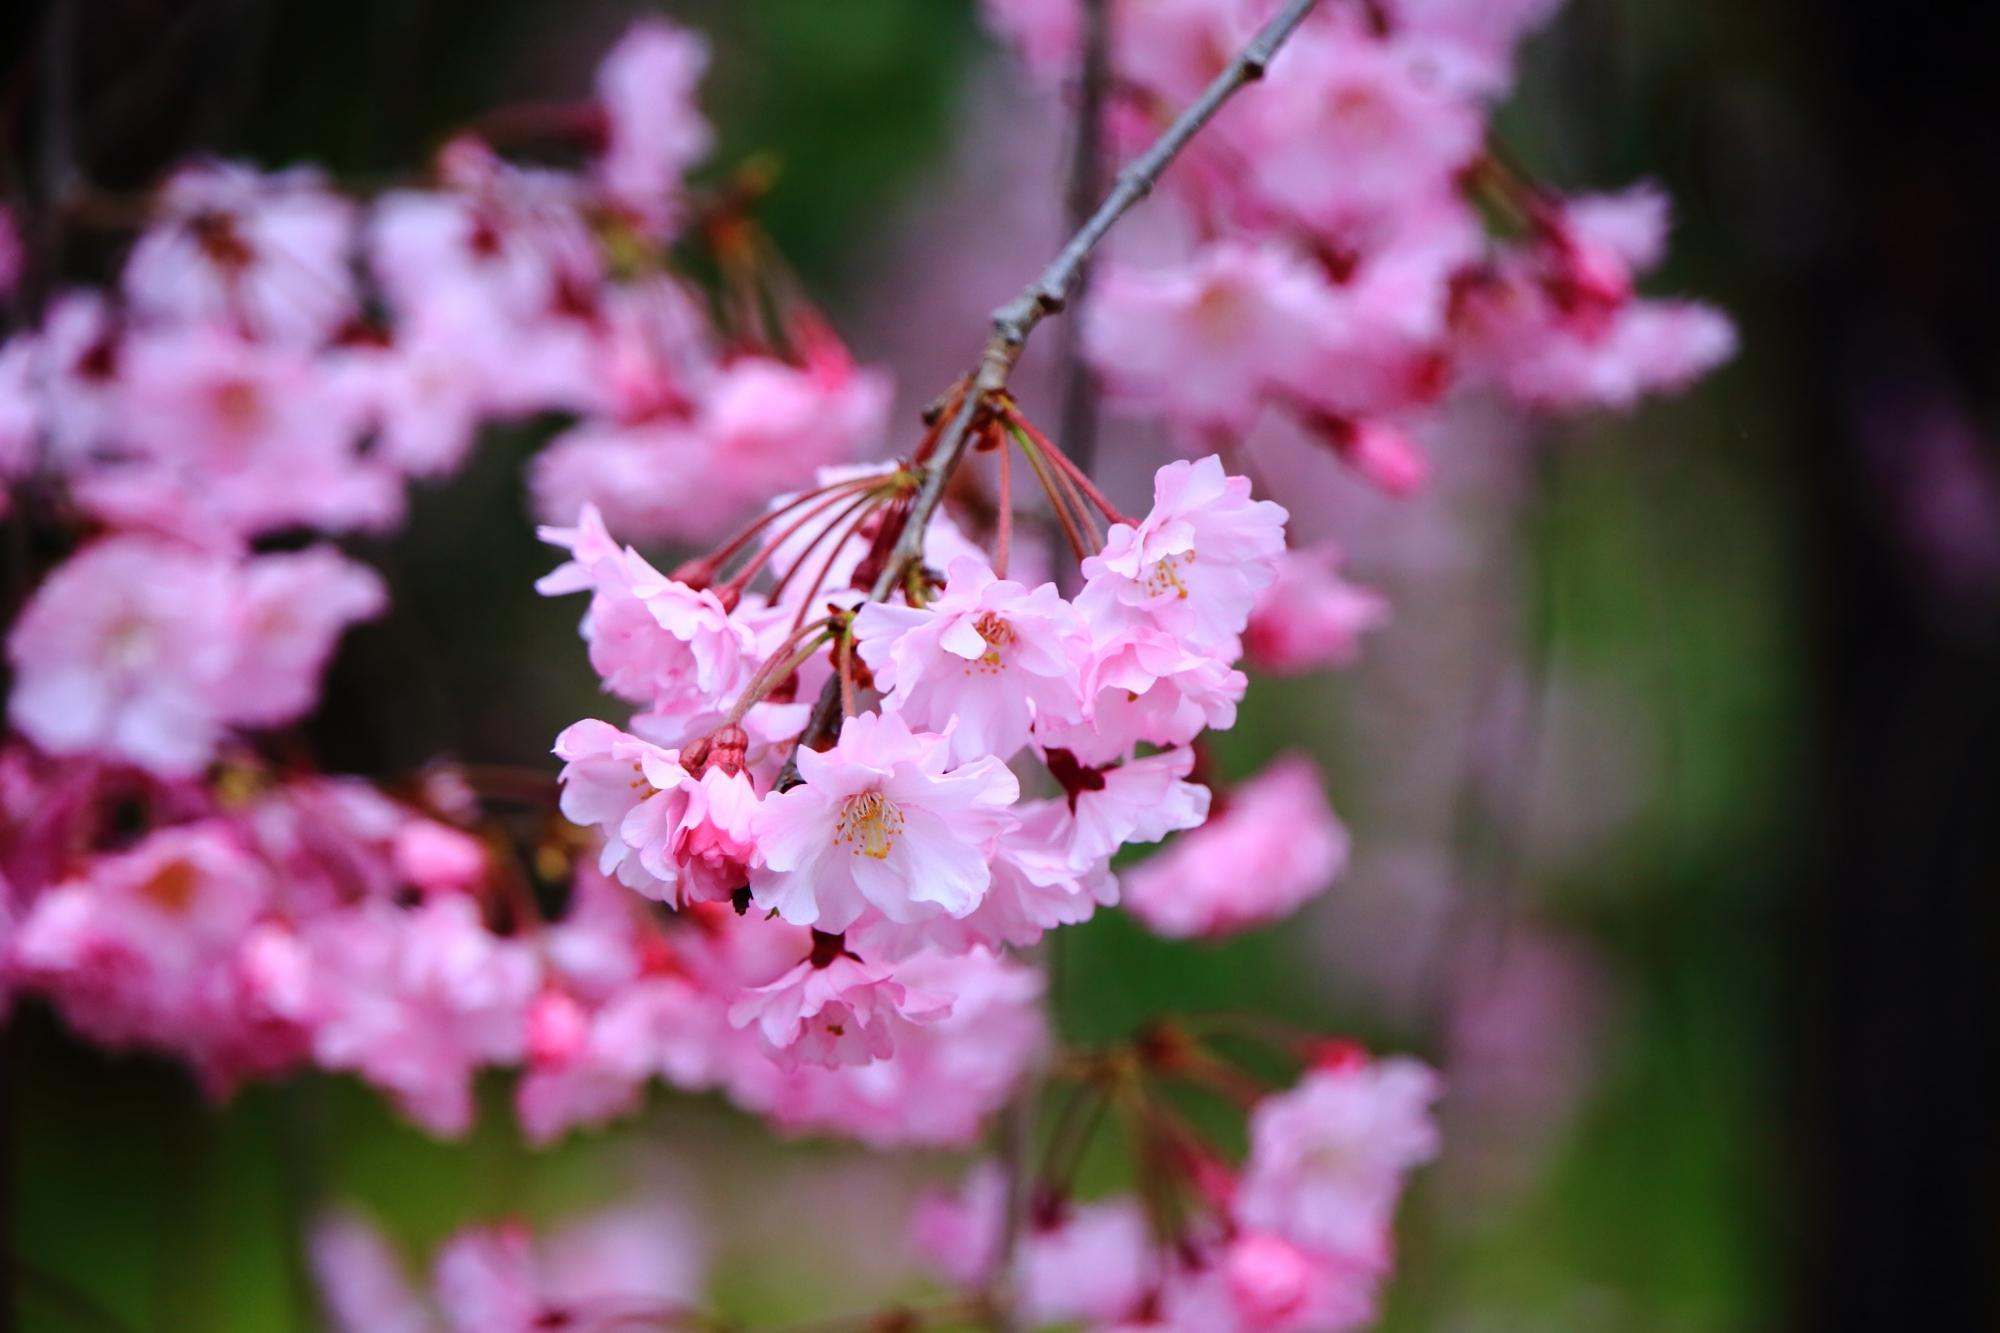 足元でしなやかに揺らぐしだれ桜